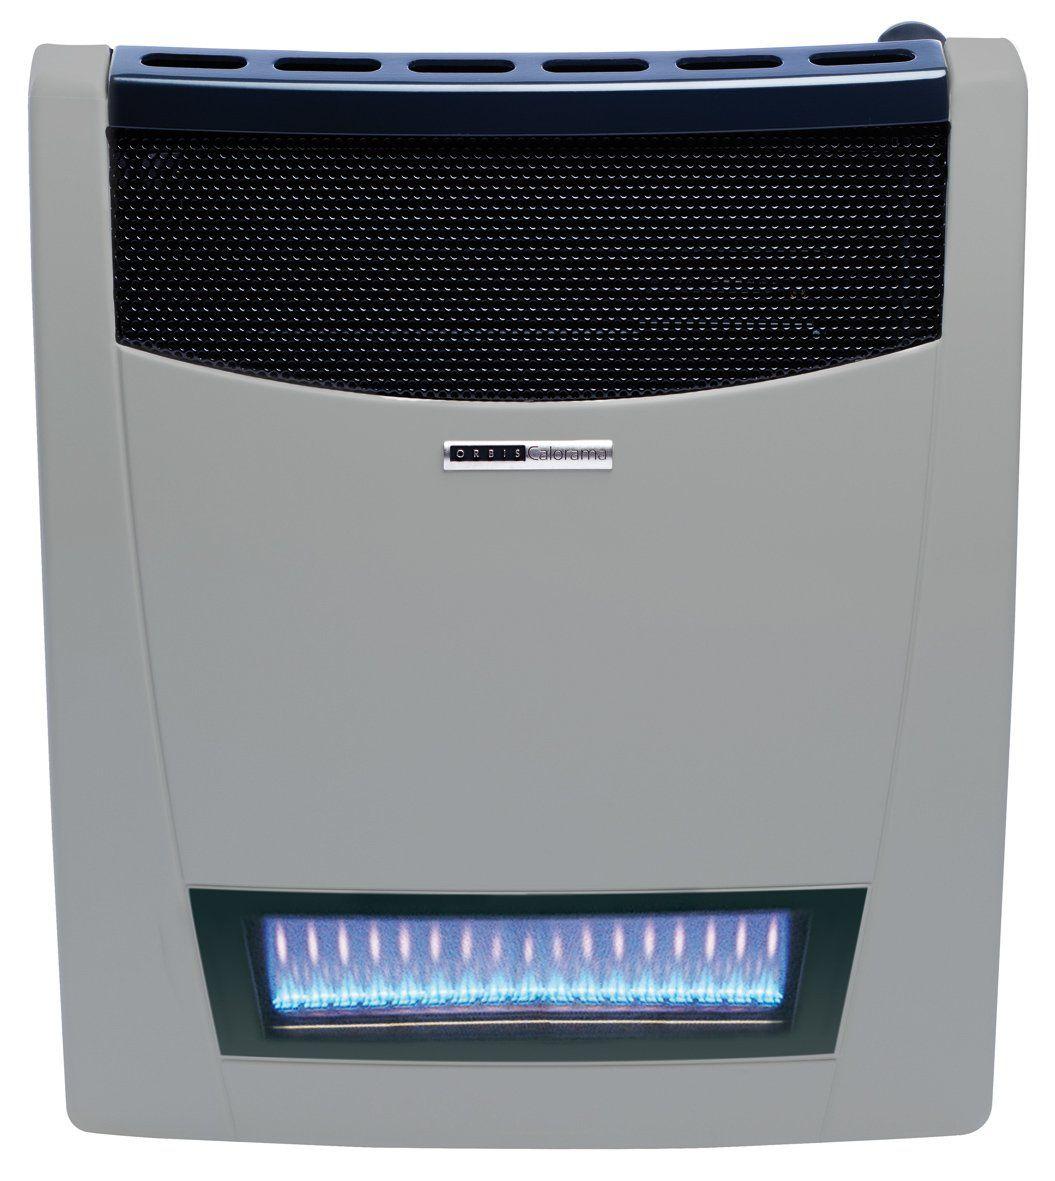 Aquecedor de ambiente a gás 5,0 kw calorama - Orbis